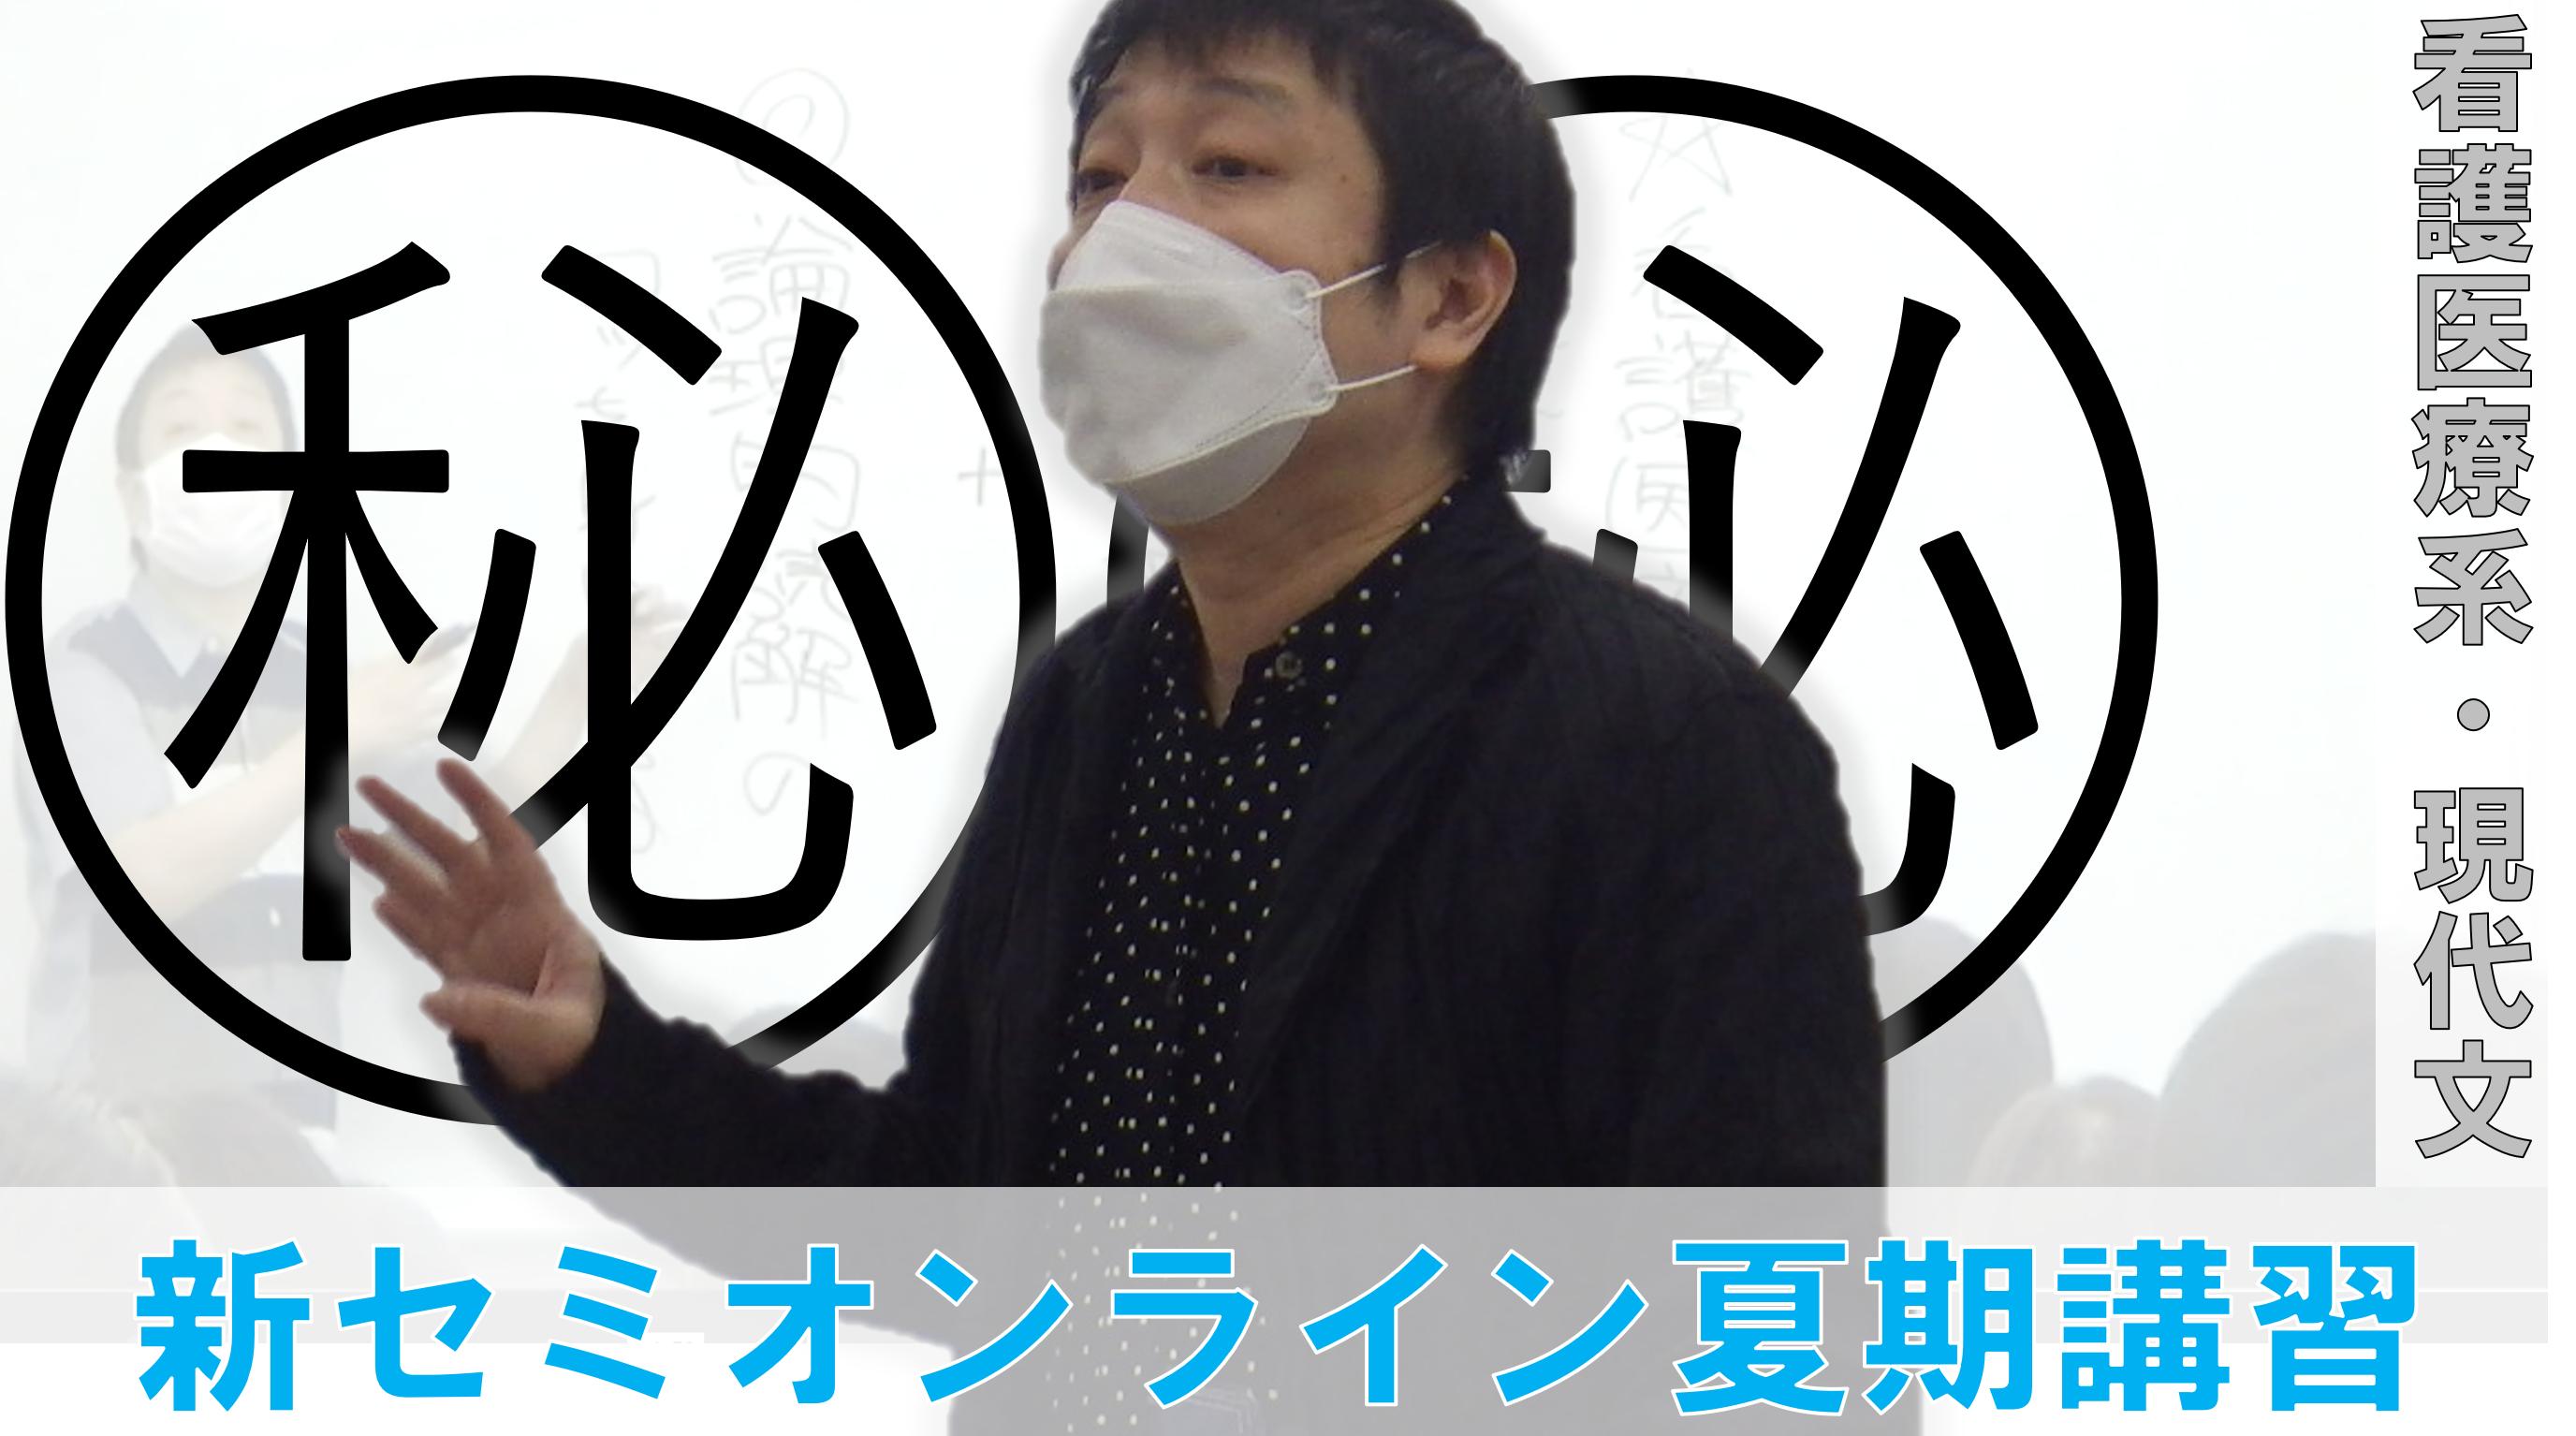 長谷川先生ブログ用3